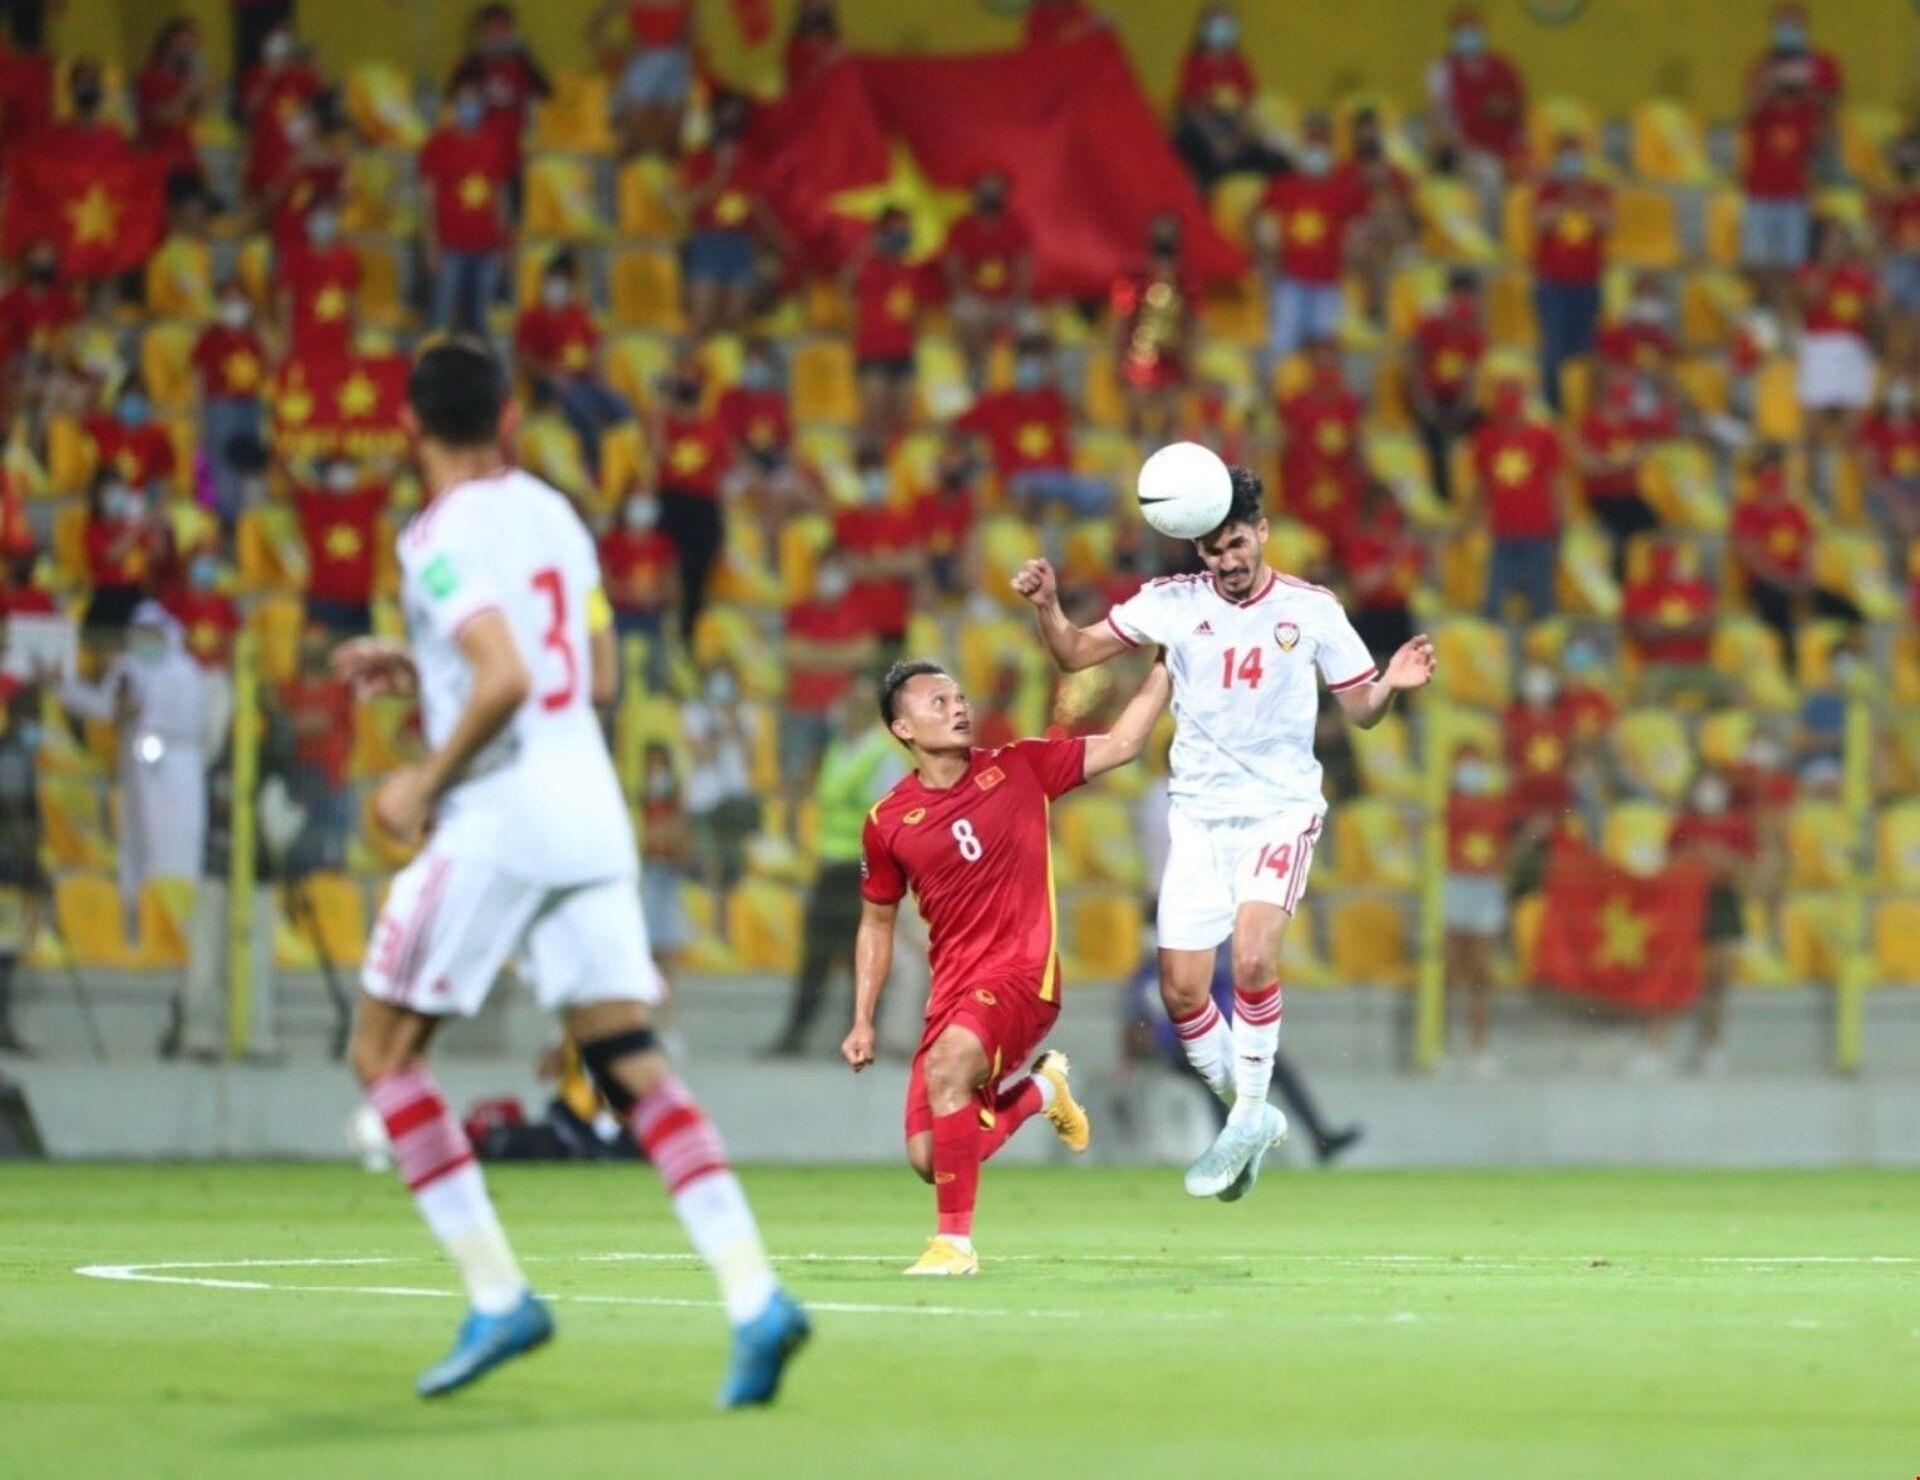 Thua UAE 3-2, Việt Nam vẫn 'làm điên đảo' vòng loại World Cup, khiến cả Đông Nam Á tự hào - Sputnik Việt Nam, 1920, 16.06.2021